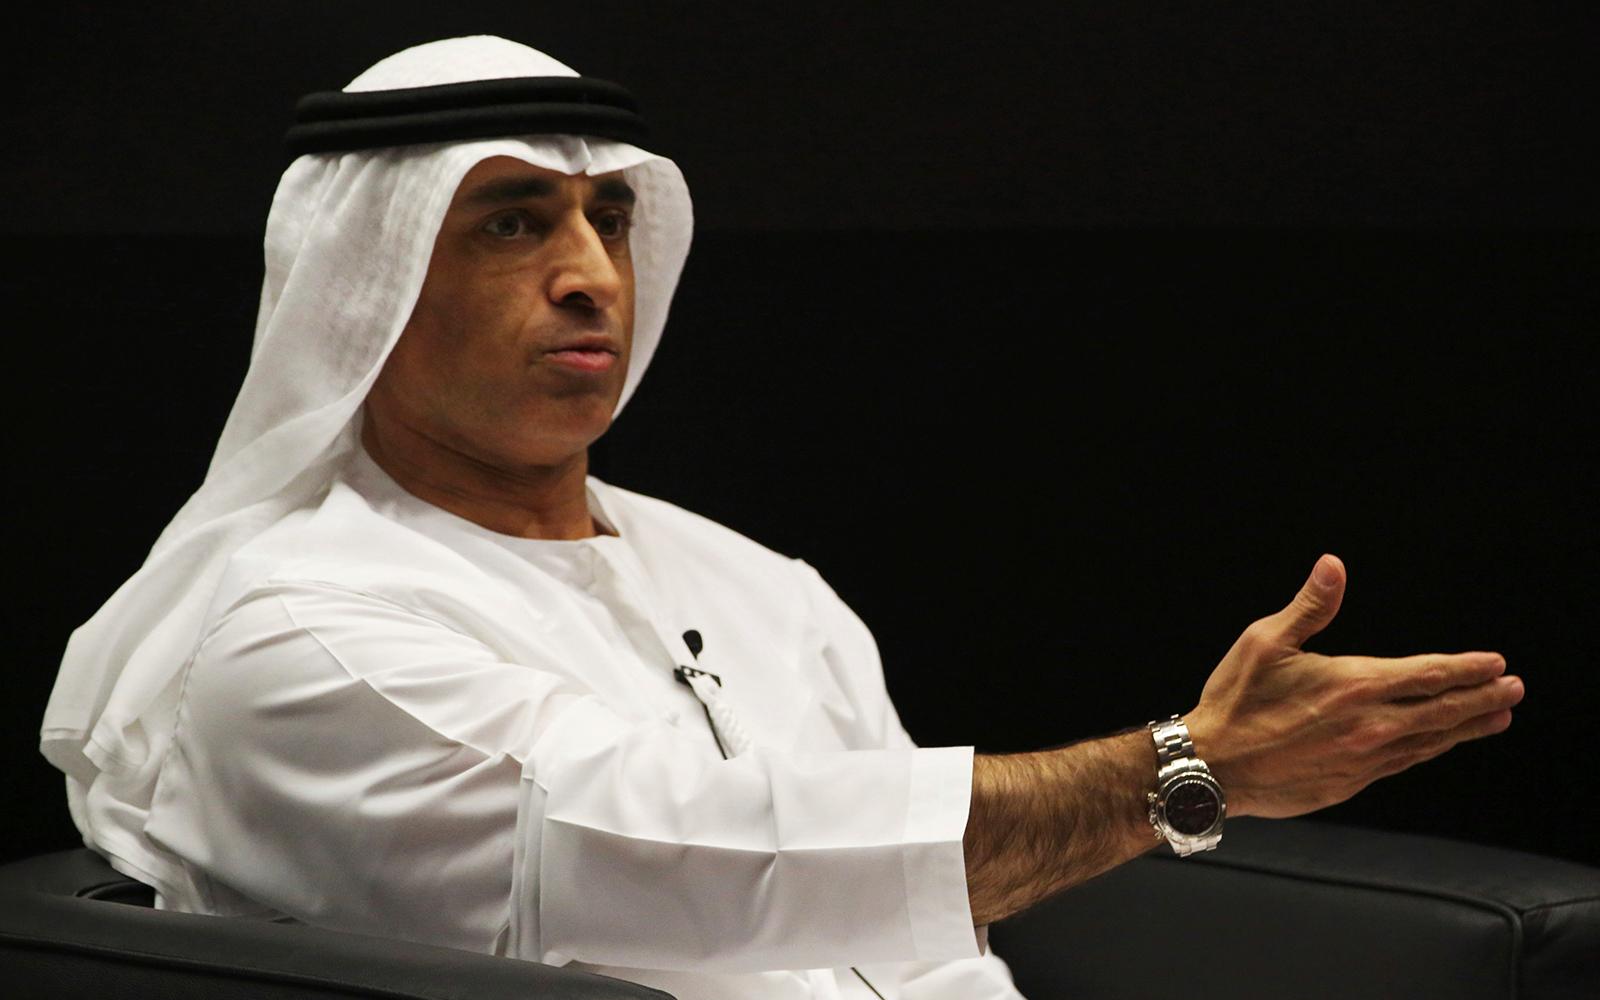 سفير الإمارات لدى واشنطن متسائلا: لماذا مسموح لإيران وممنوع علينا؟